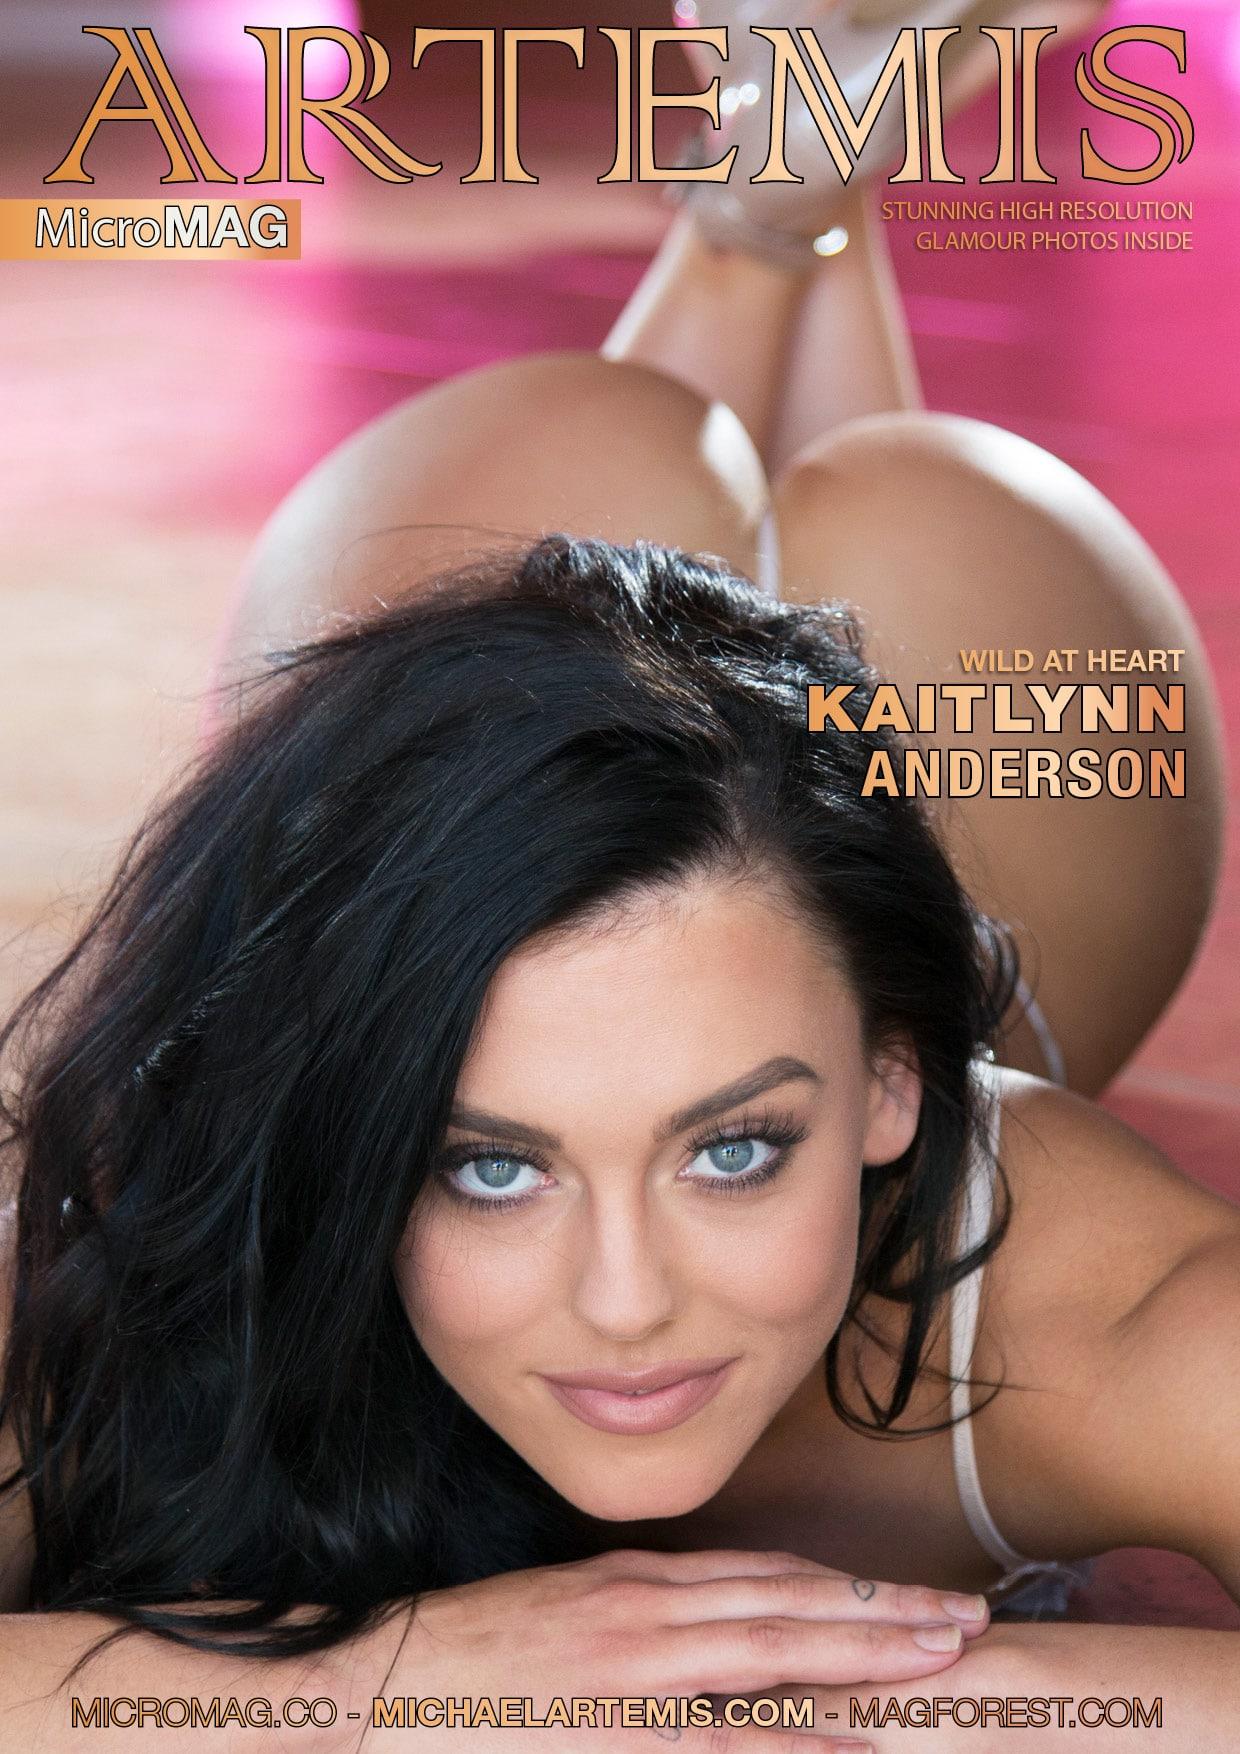 Artemis MicroMAG – Kaitlynn Anderson